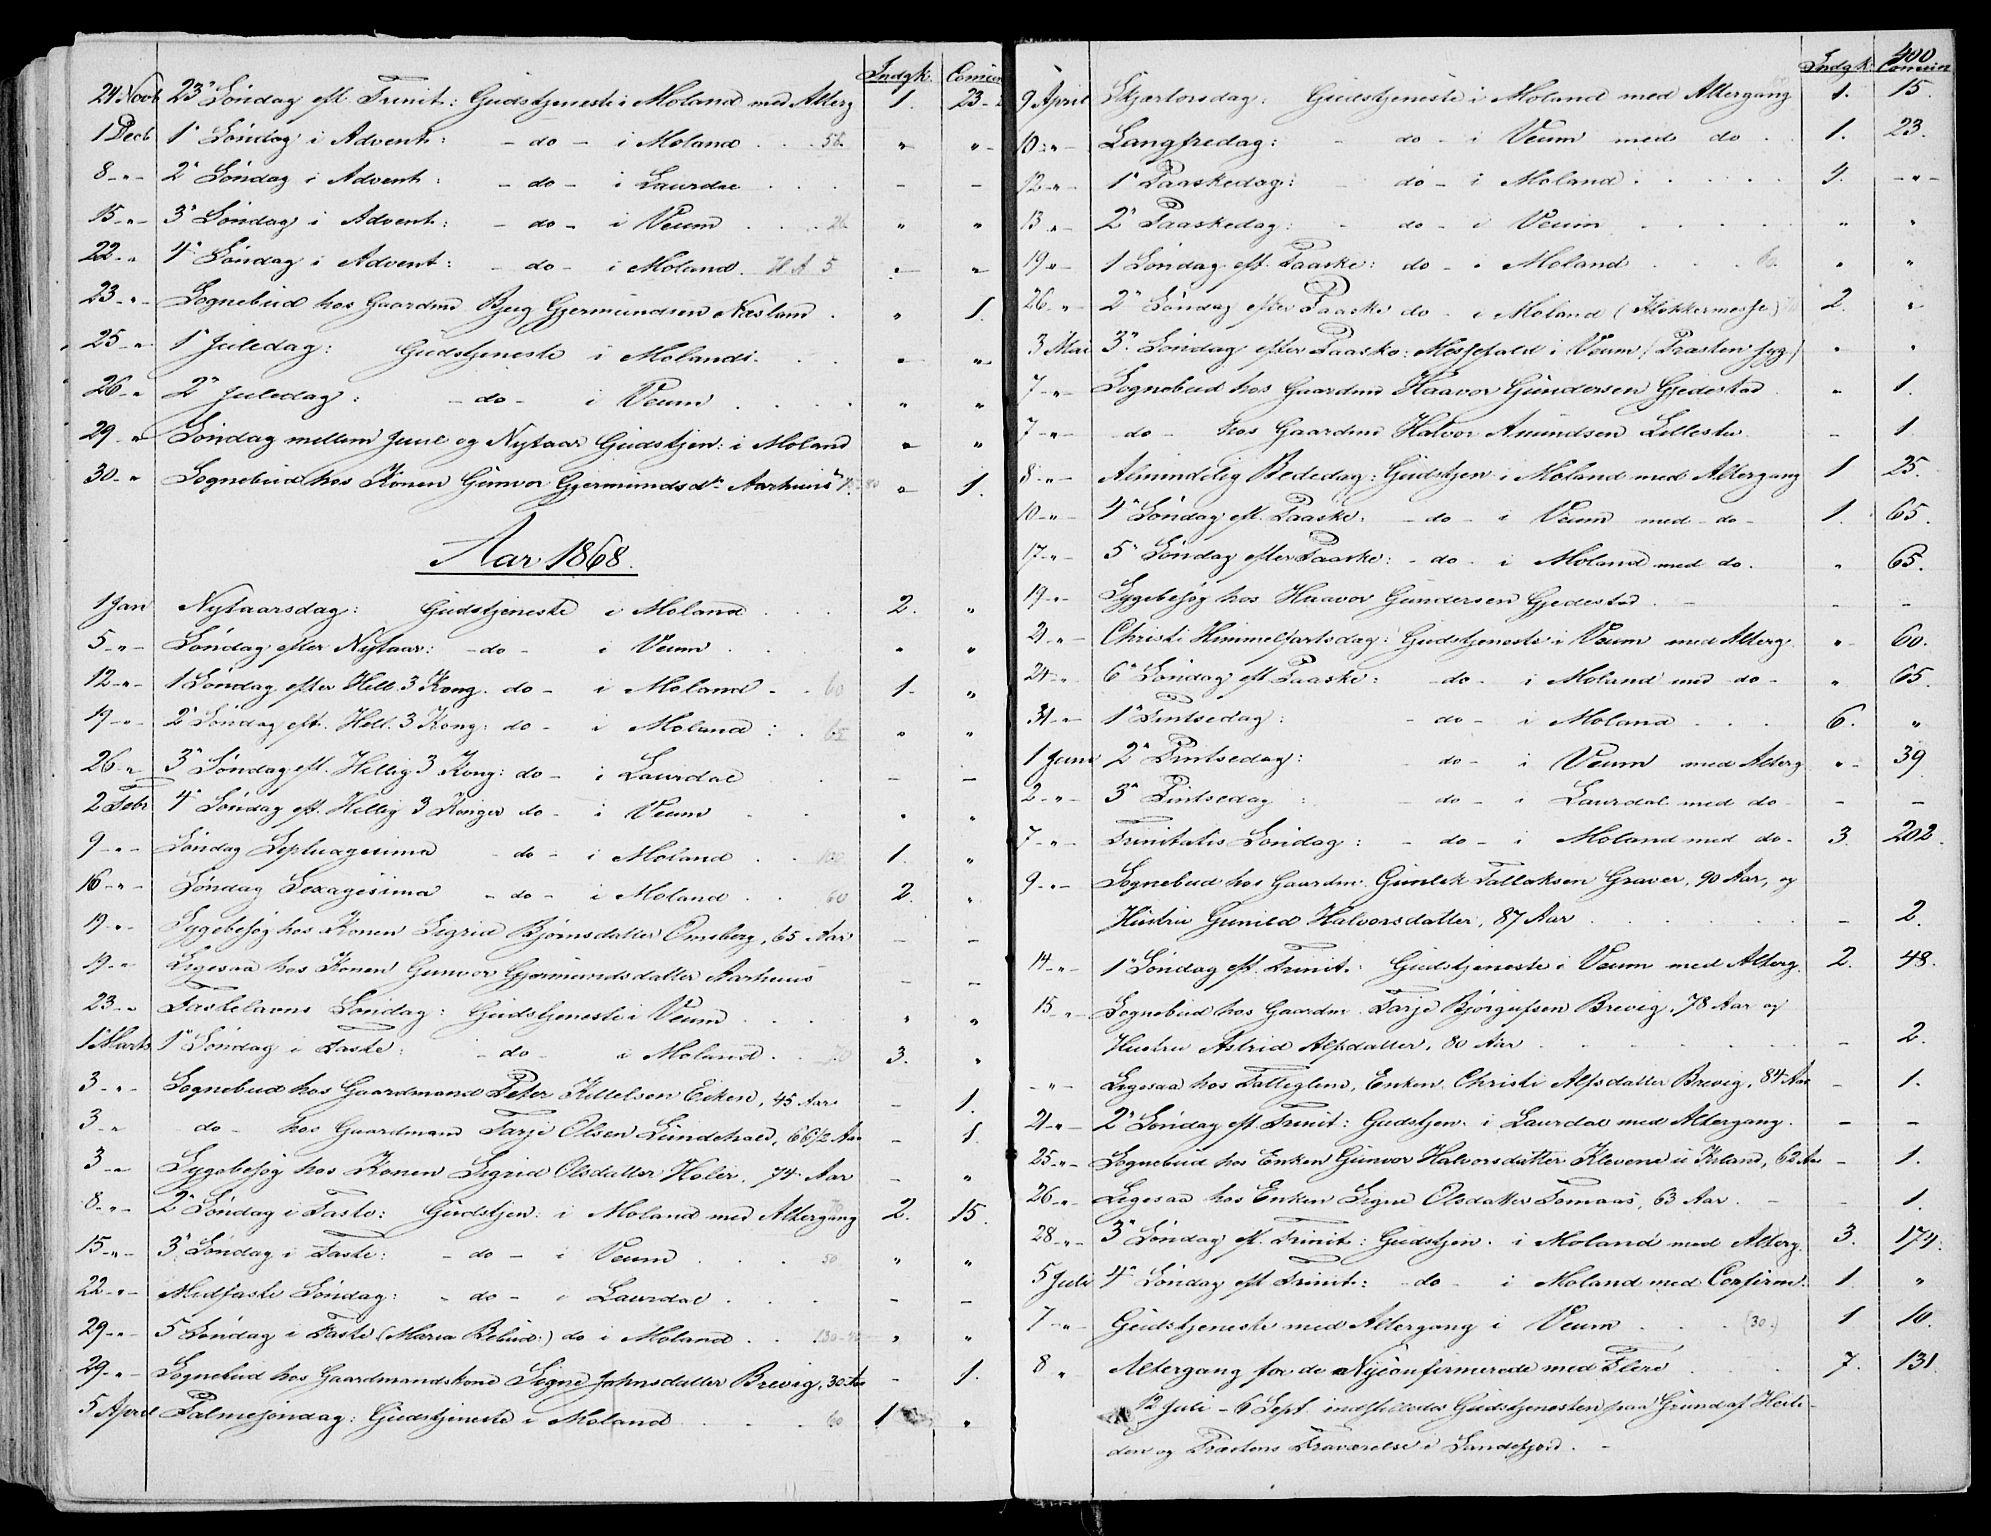 SAKO, Fyresdal kirkebøker, F/Fa/L0005: Ministerialbok nr. I 5, 1855-1871, s. 400